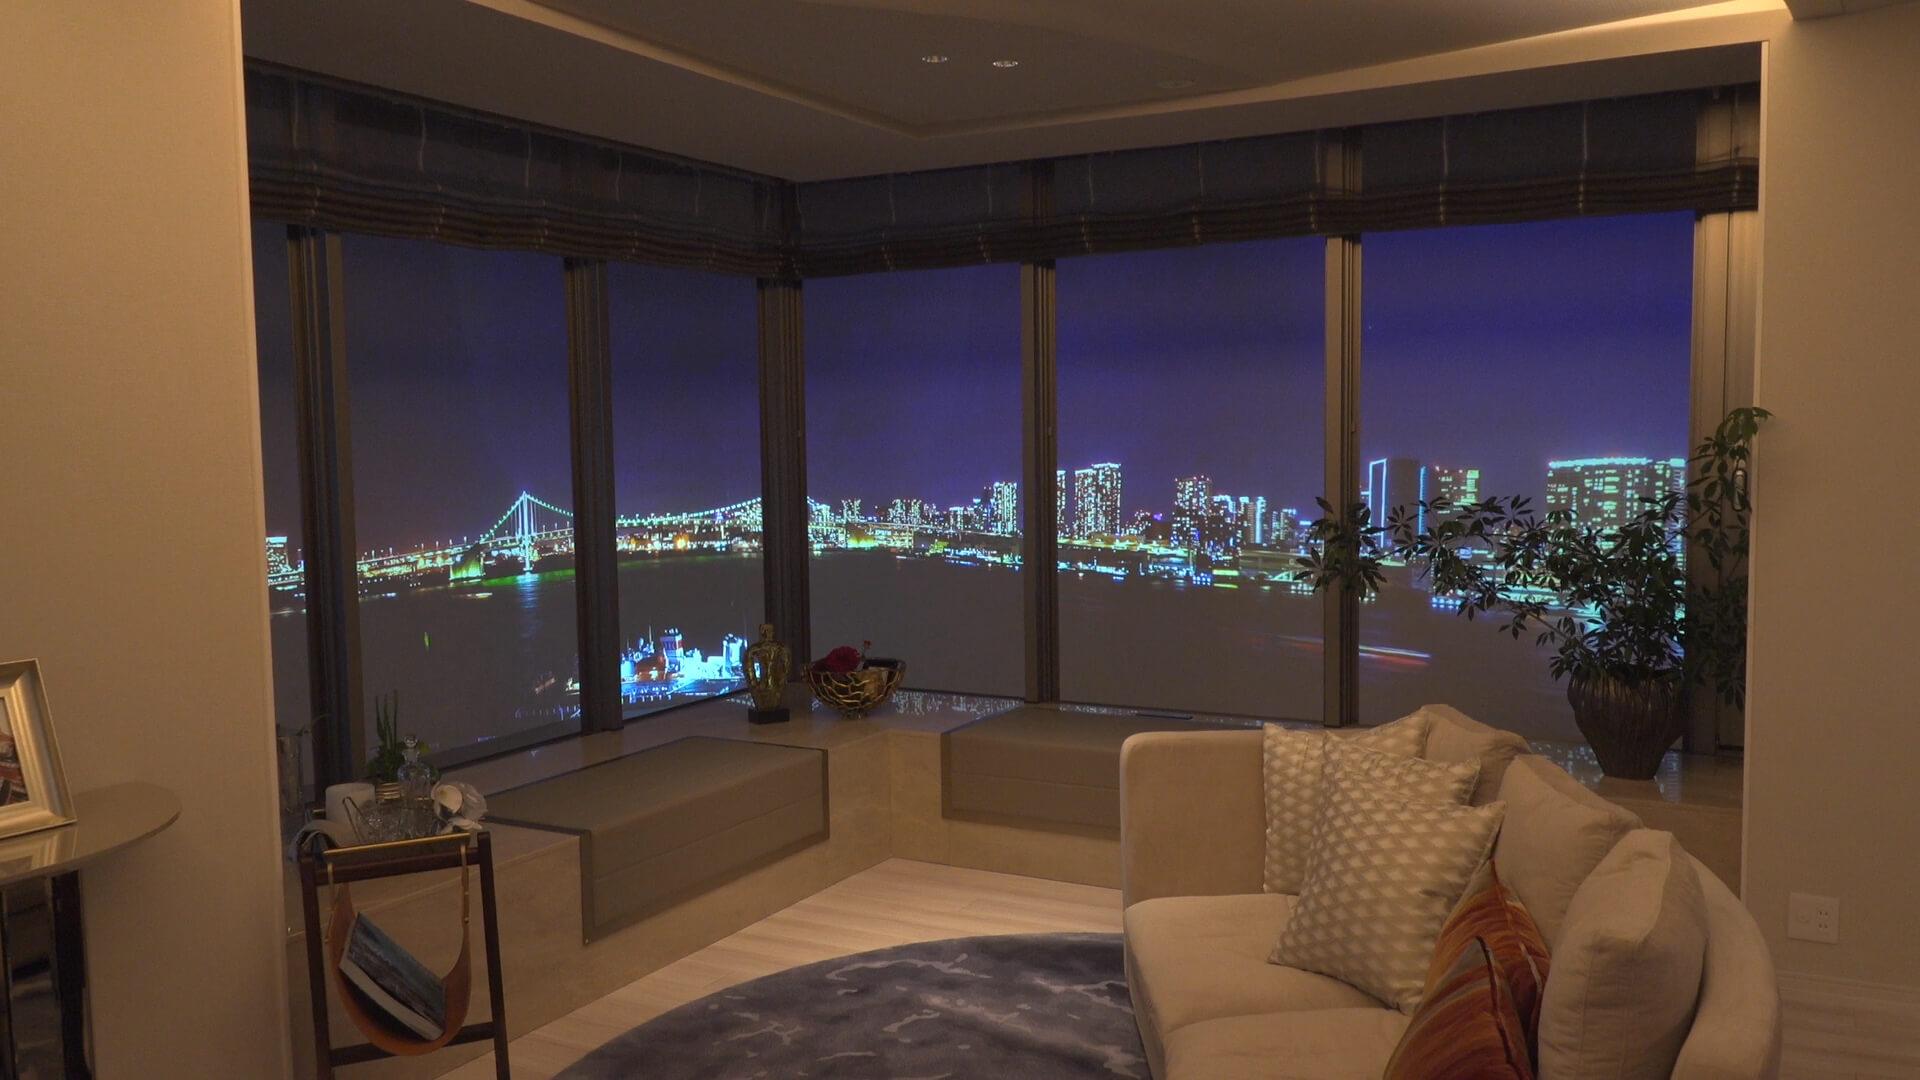 東京奧運選手村位於東京灣岸新開發地區,基地三面環海,可以看到繁華夜景,彩虹大橋就在眼前。(中央社記者黃大維攝)